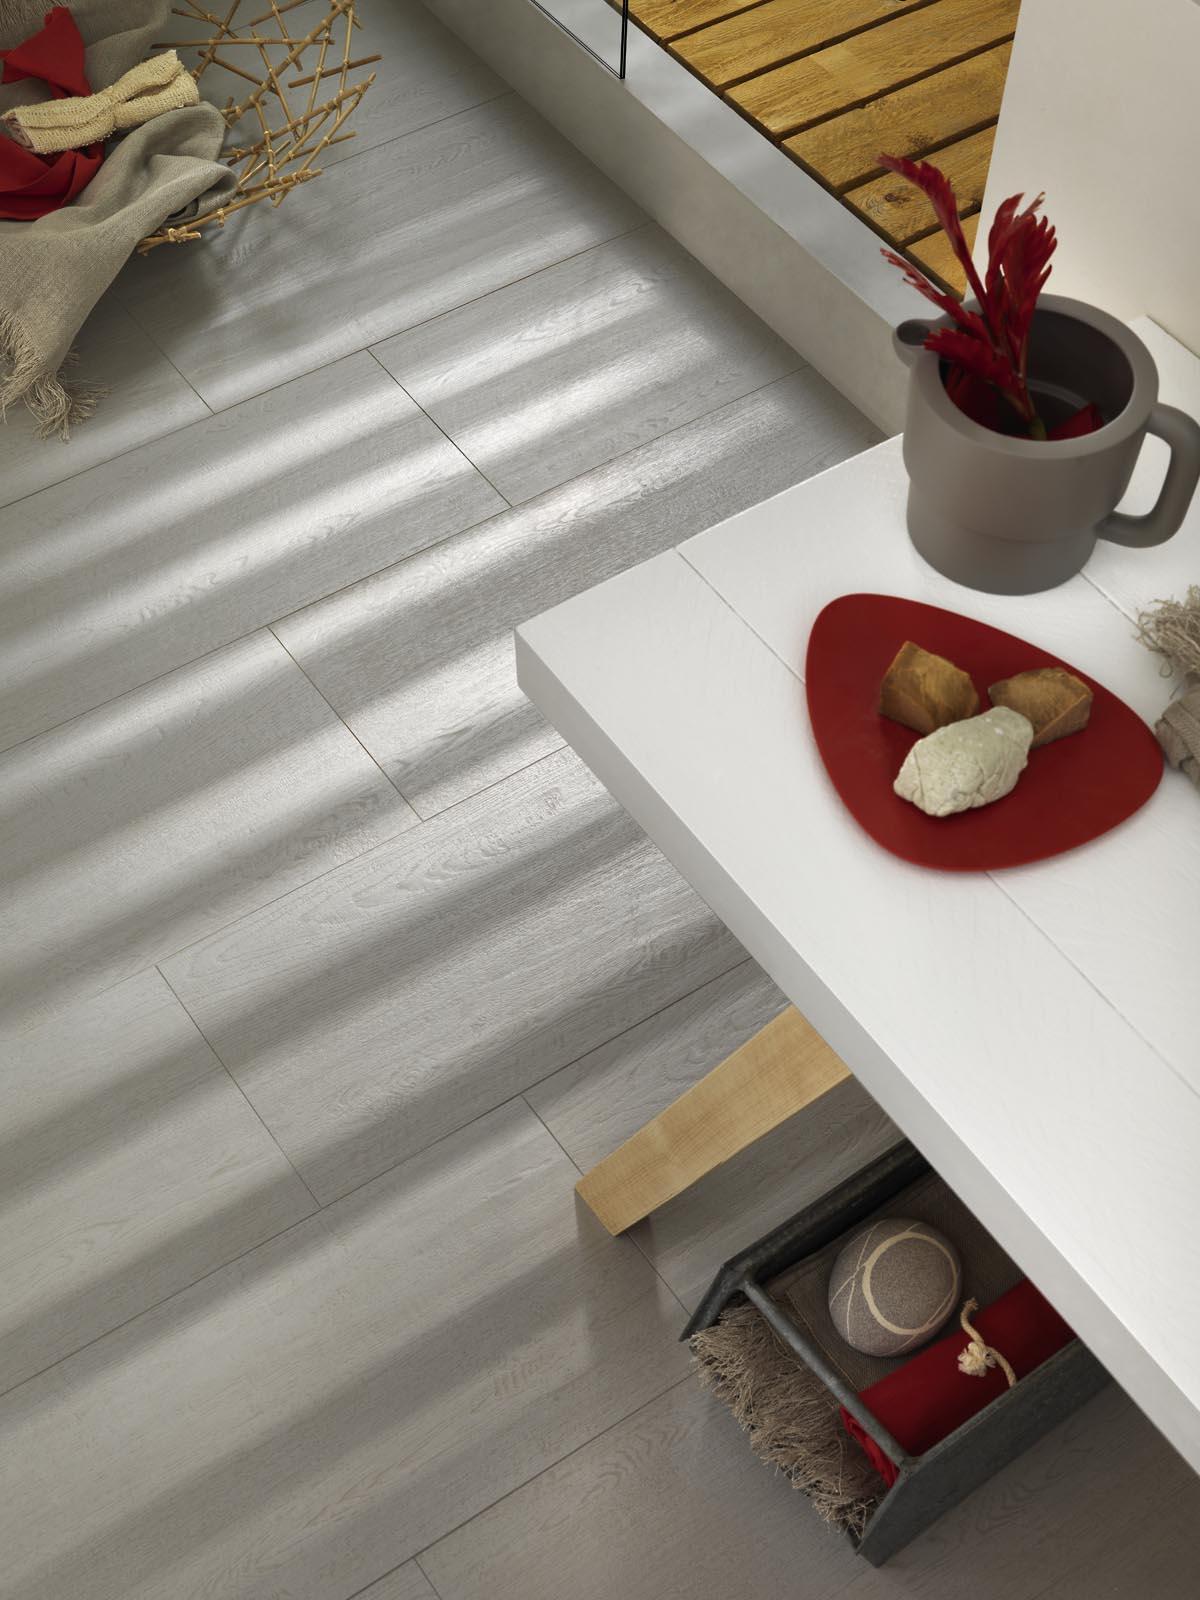 Oficina7 piastrelle rivestimento bagno marazzi - Piastrelle in ceramica ...